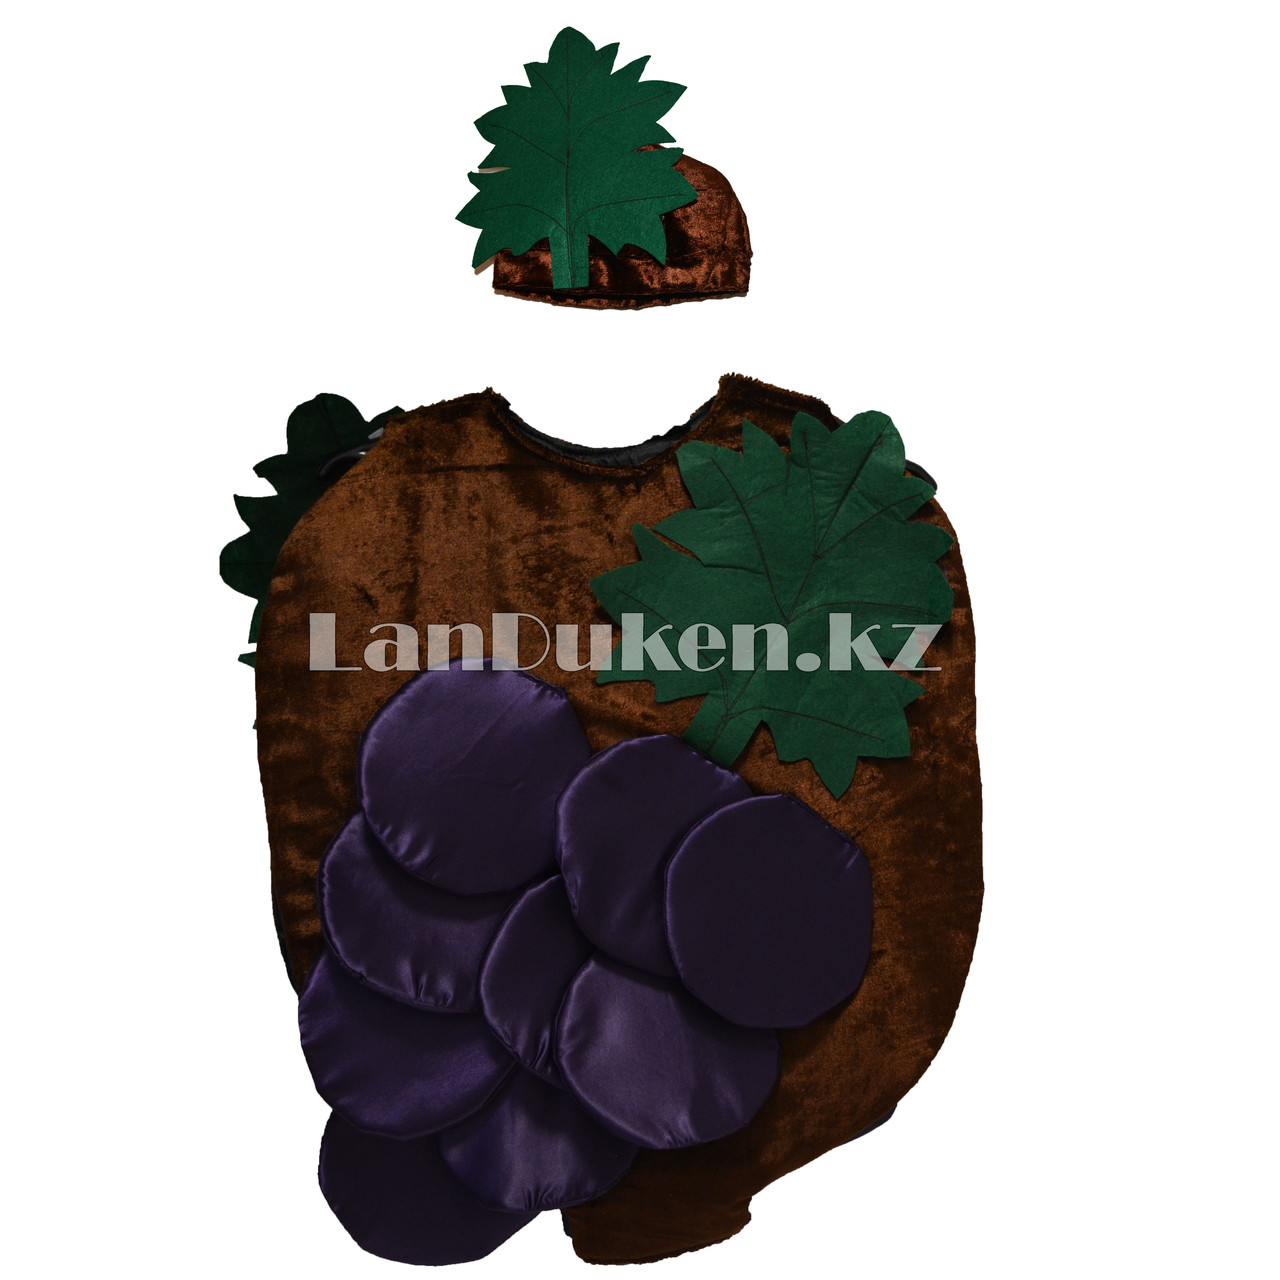 Карнавальный костюм детский овощи и фрукты (01) 24-32 р виноград - фото 1